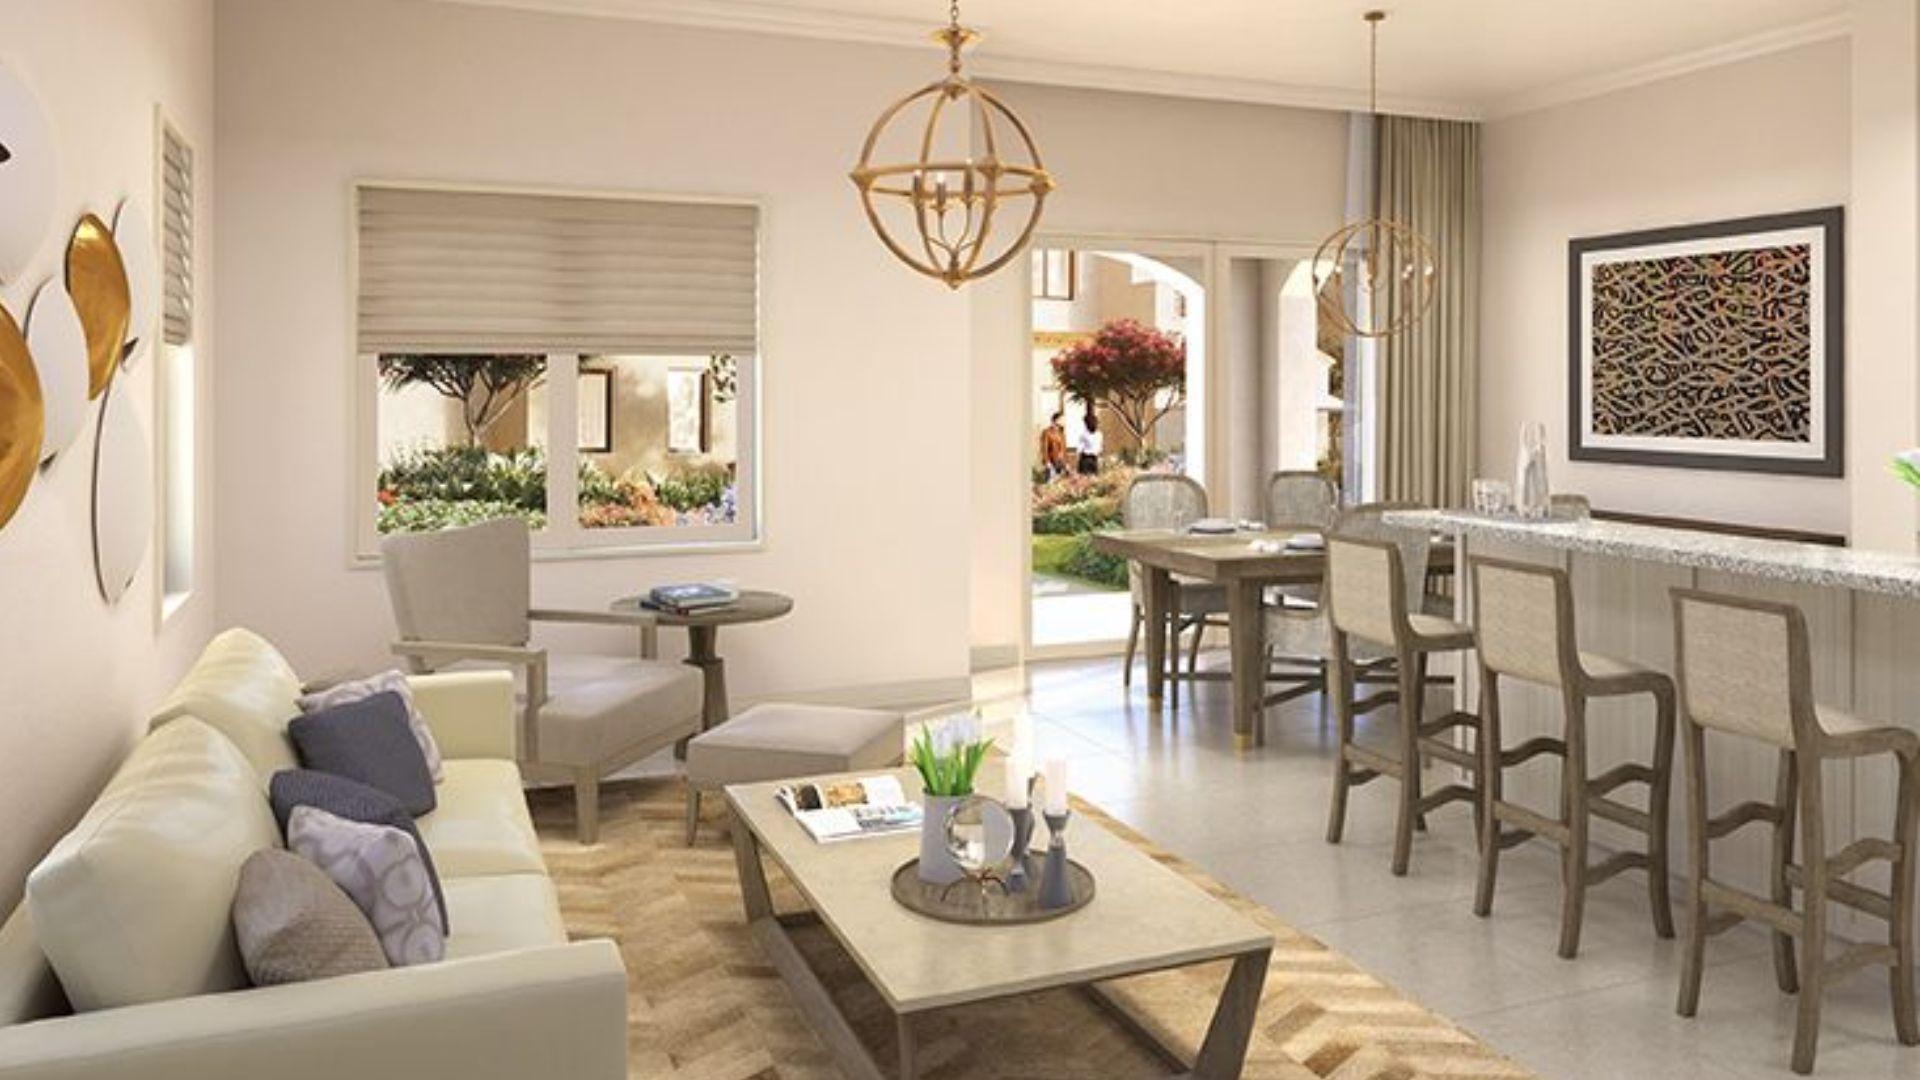 Villa en venta en Dubai, EAU, 3 dormitorios, 161 m2, № 24306 – foto 4